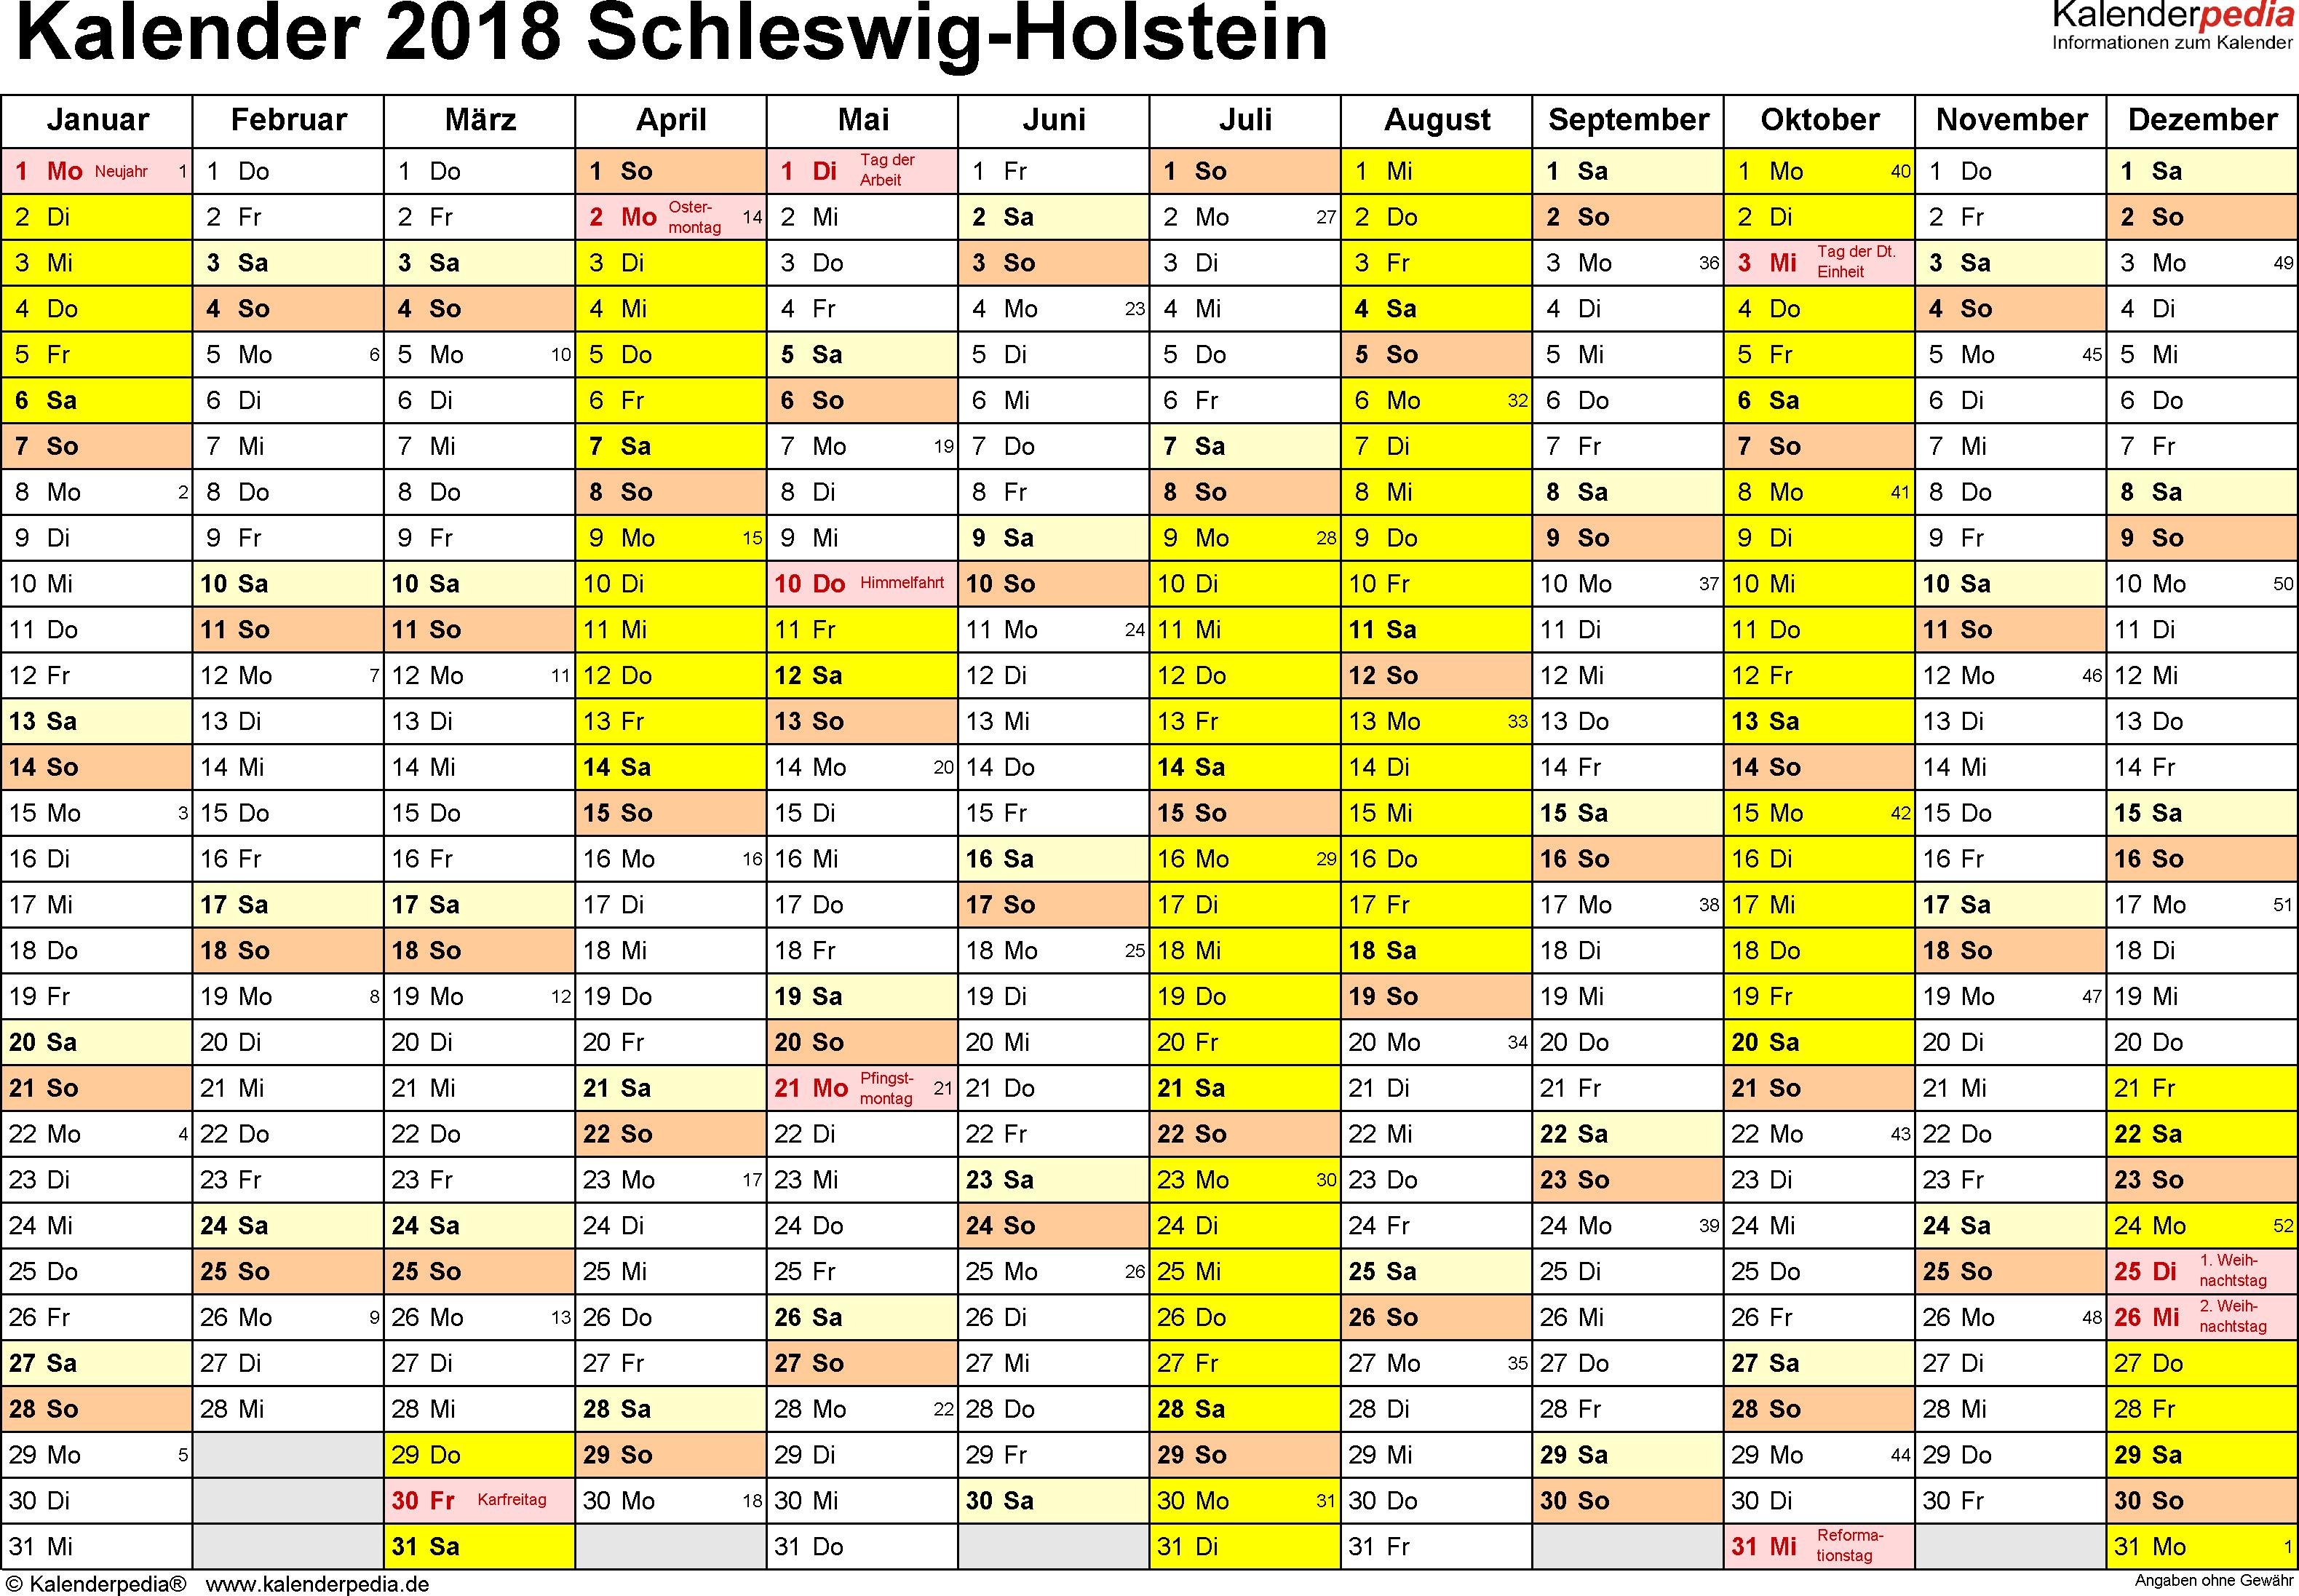 Kalender 2018 Schleswig Holstein Ferien Feiertage Pdf Vorlagen